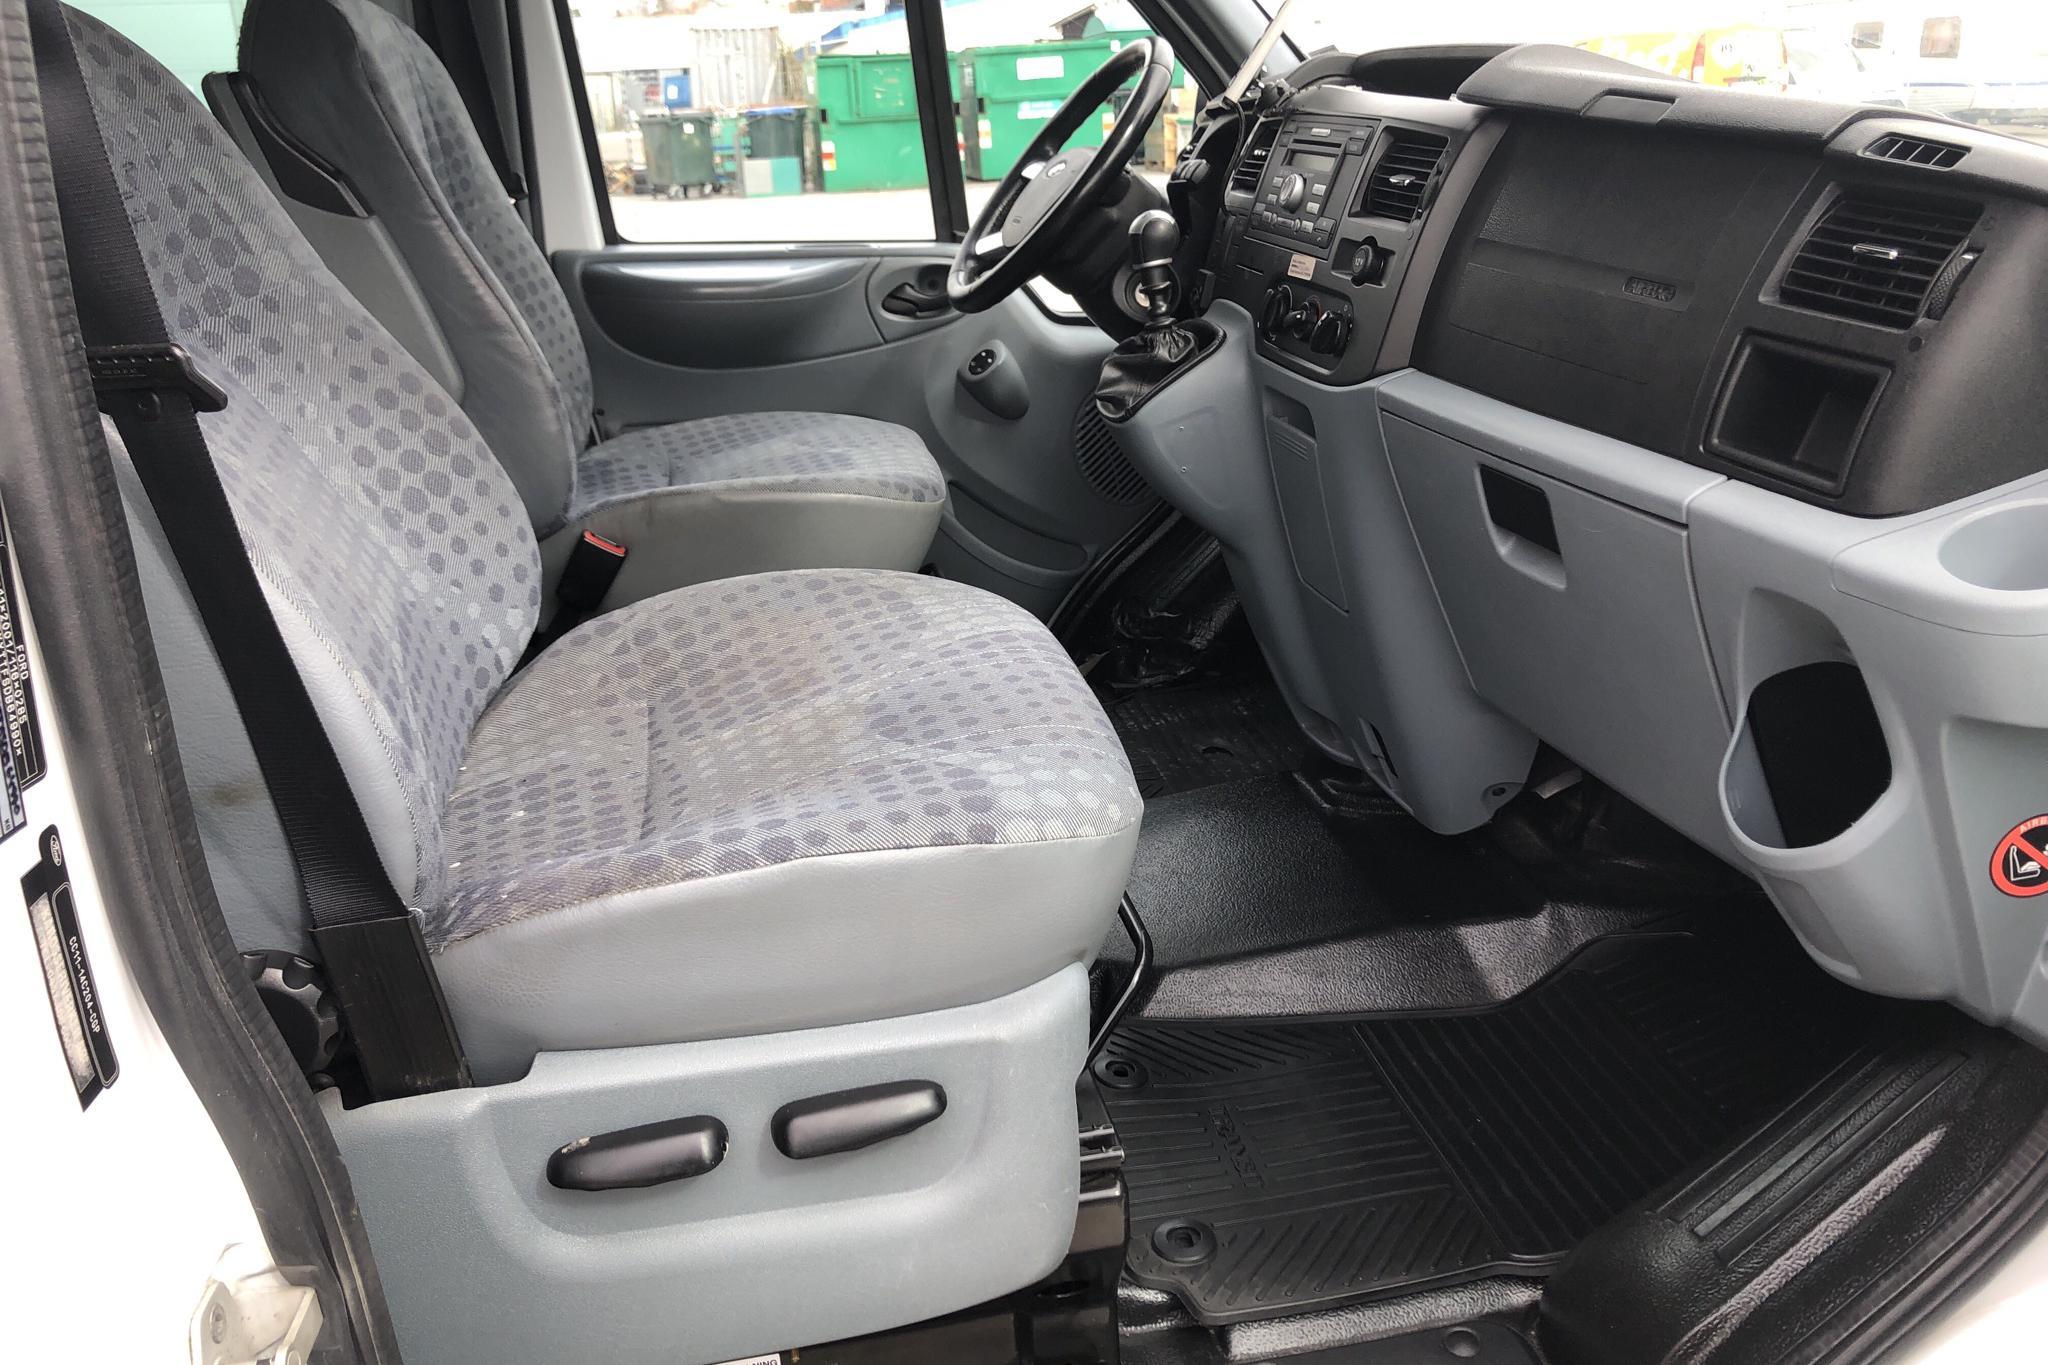 Ford Transit 300 2.2 TDCi Skåp (125hk) - 335 410 km - Manual - white - 2013